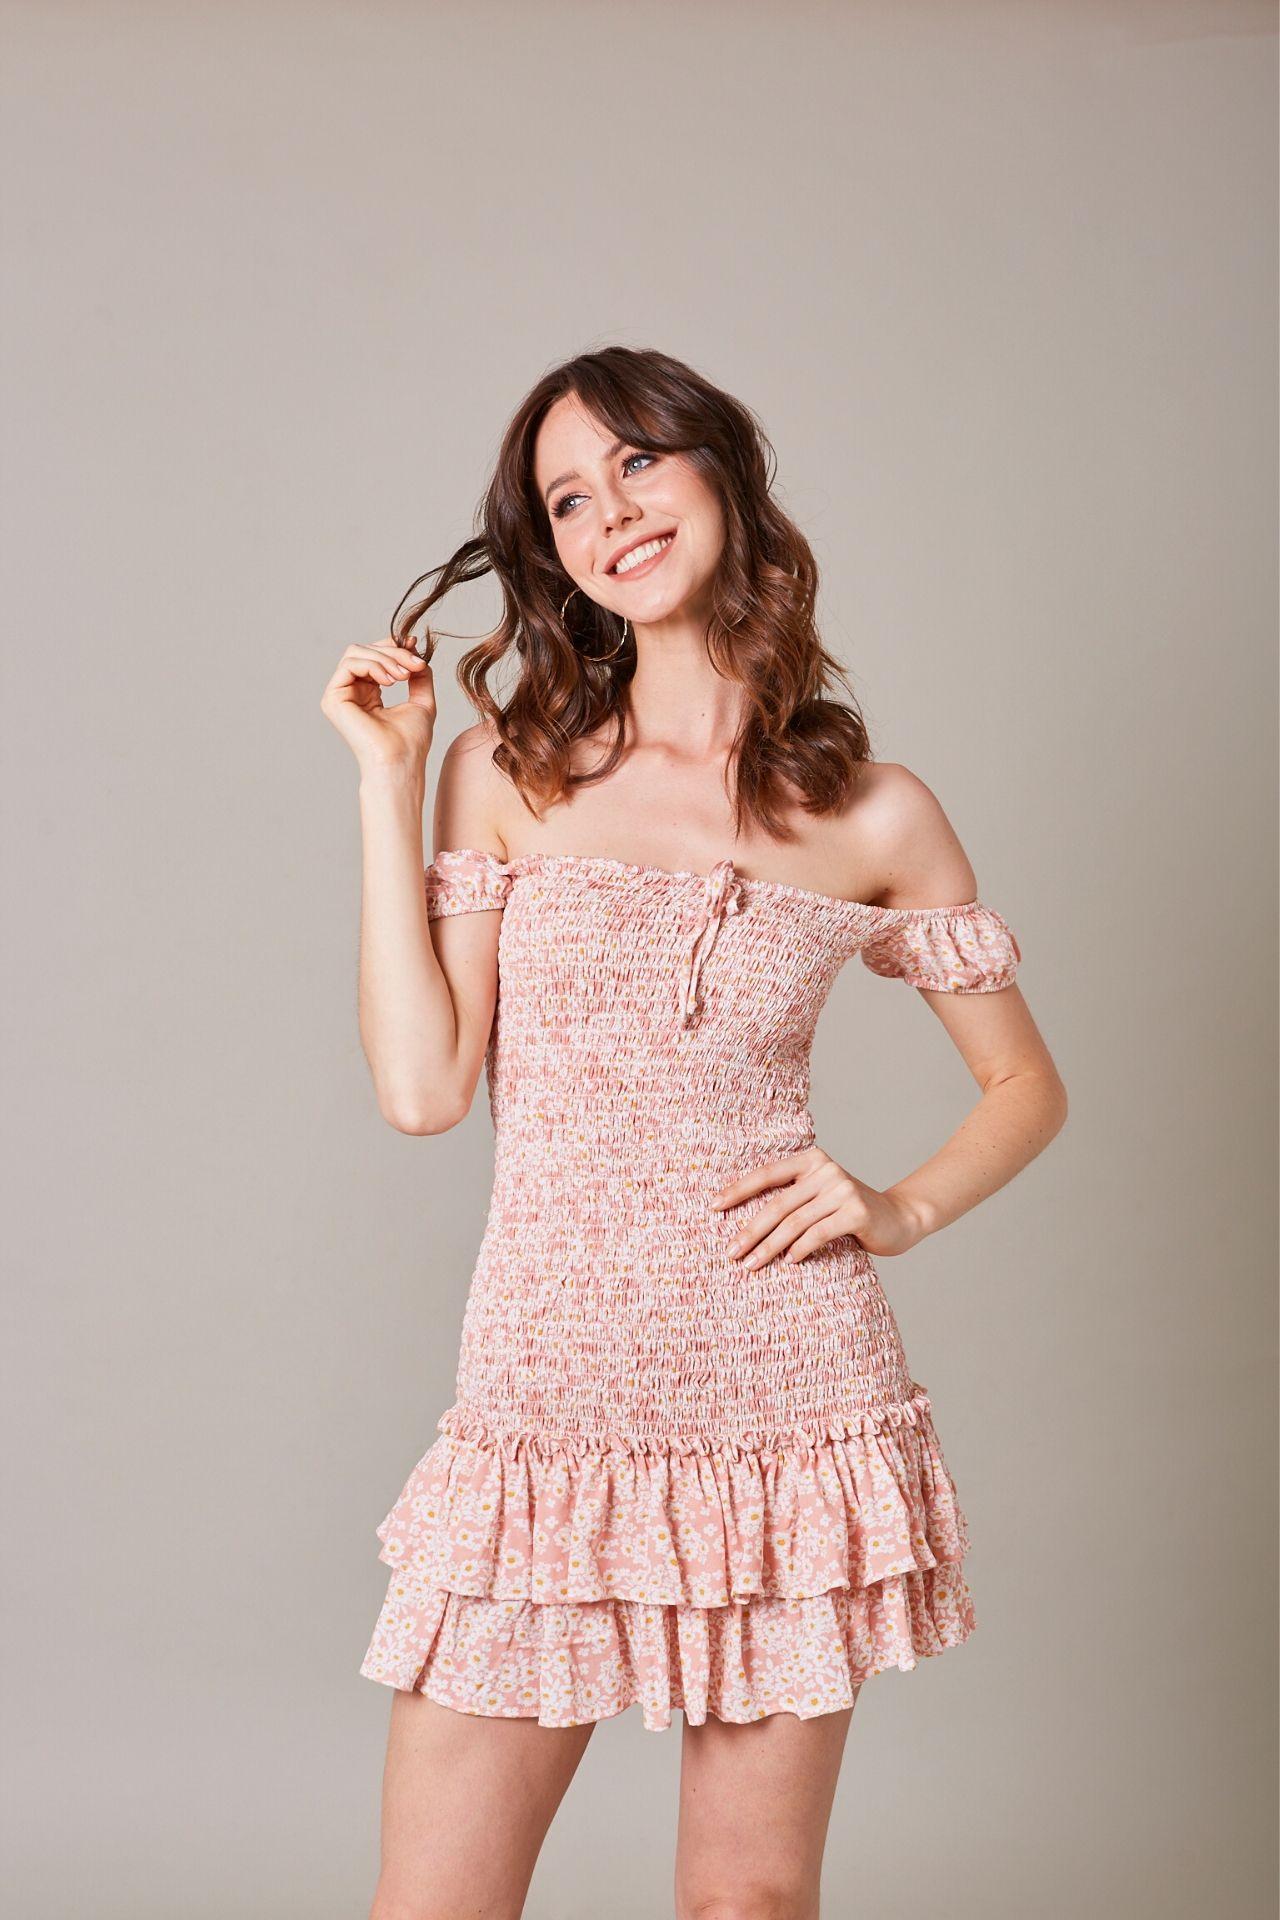 Vestido de algodón con tela panal de abeja en la espalda que permite que el vestido se ajuste a una talla S o M.